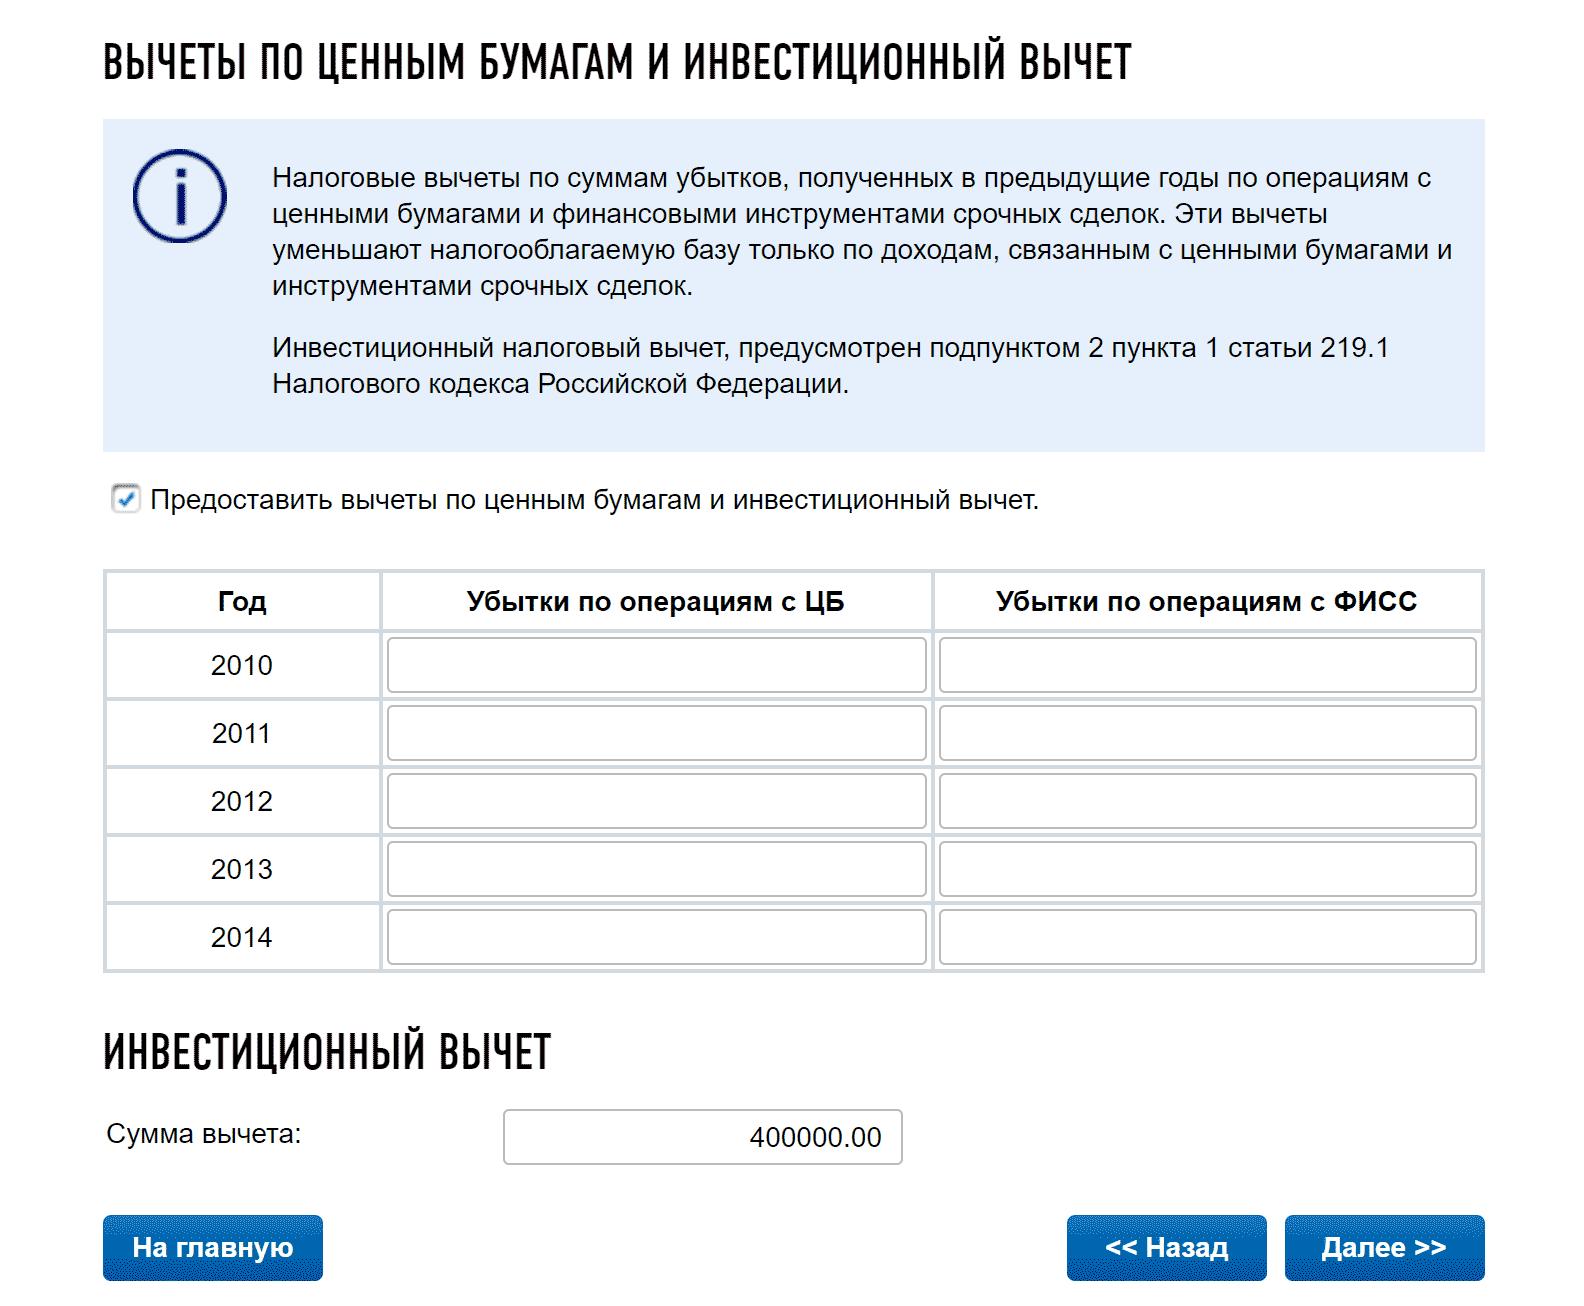 Выписка из банковского счета для получения вычета сдача ндфл в 2019 году сроки